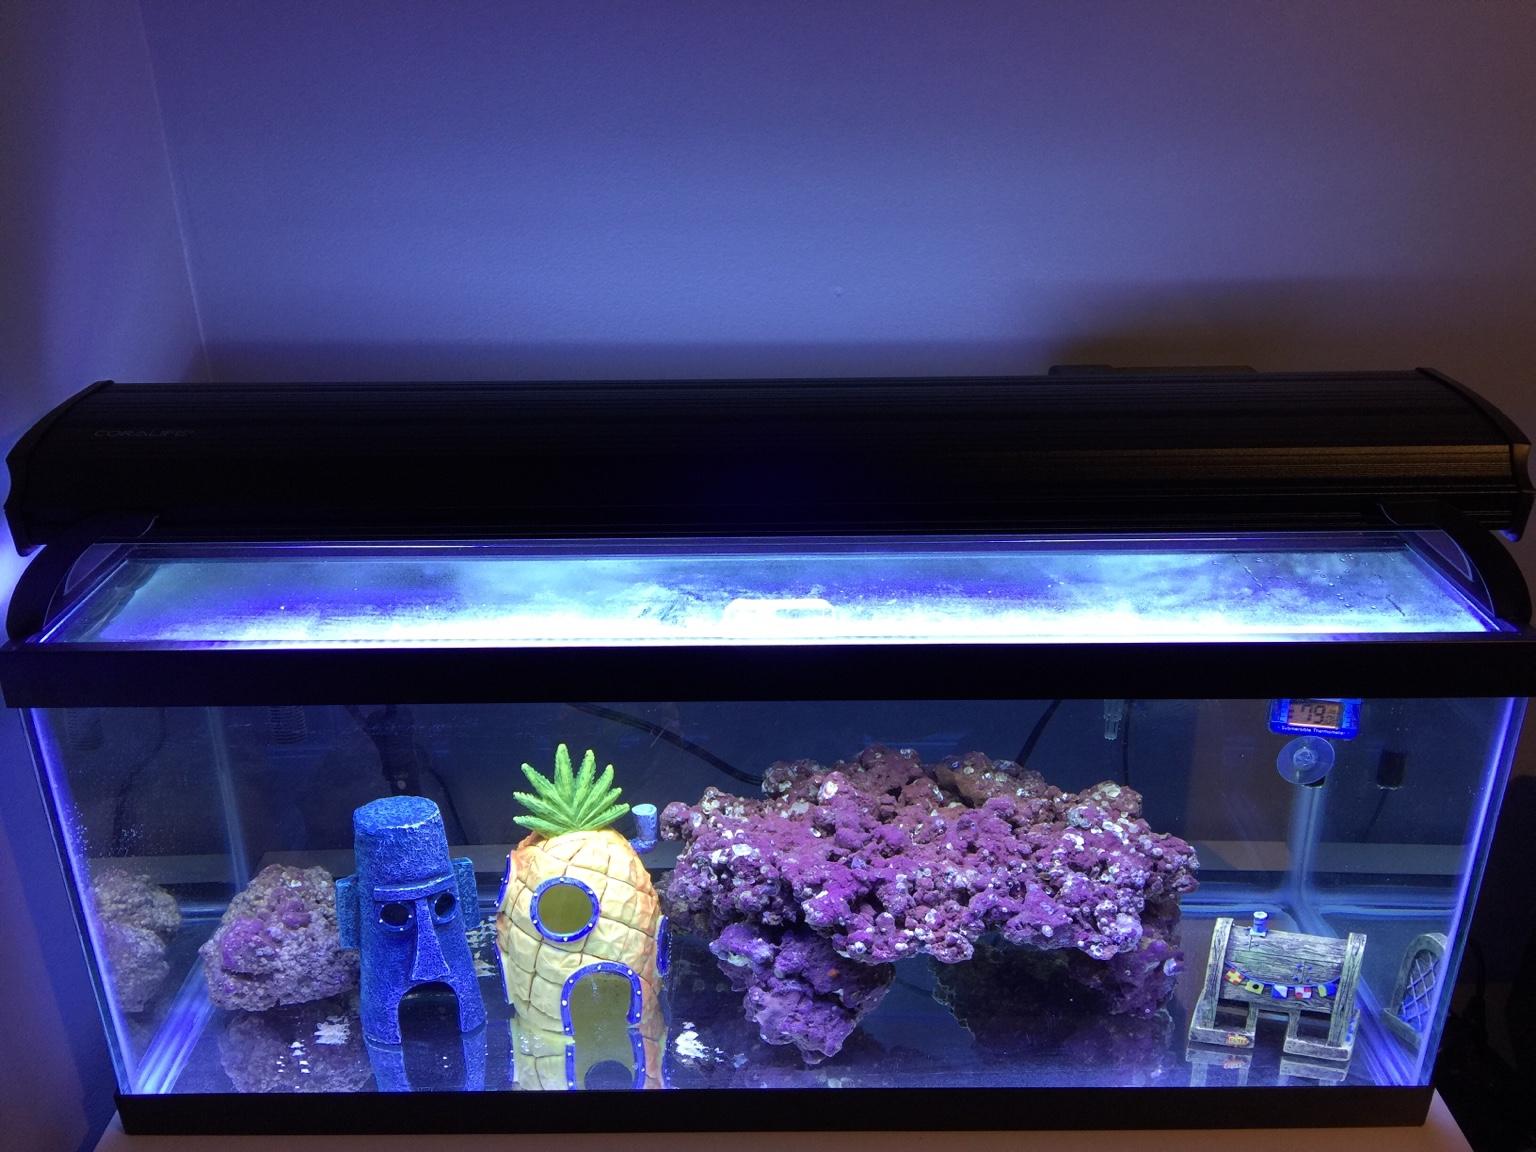 Pet Supplies Other Fish & Aquarium Supplies Aquatronica Aquarium Automation System Aquascape Cheap Sales 50%